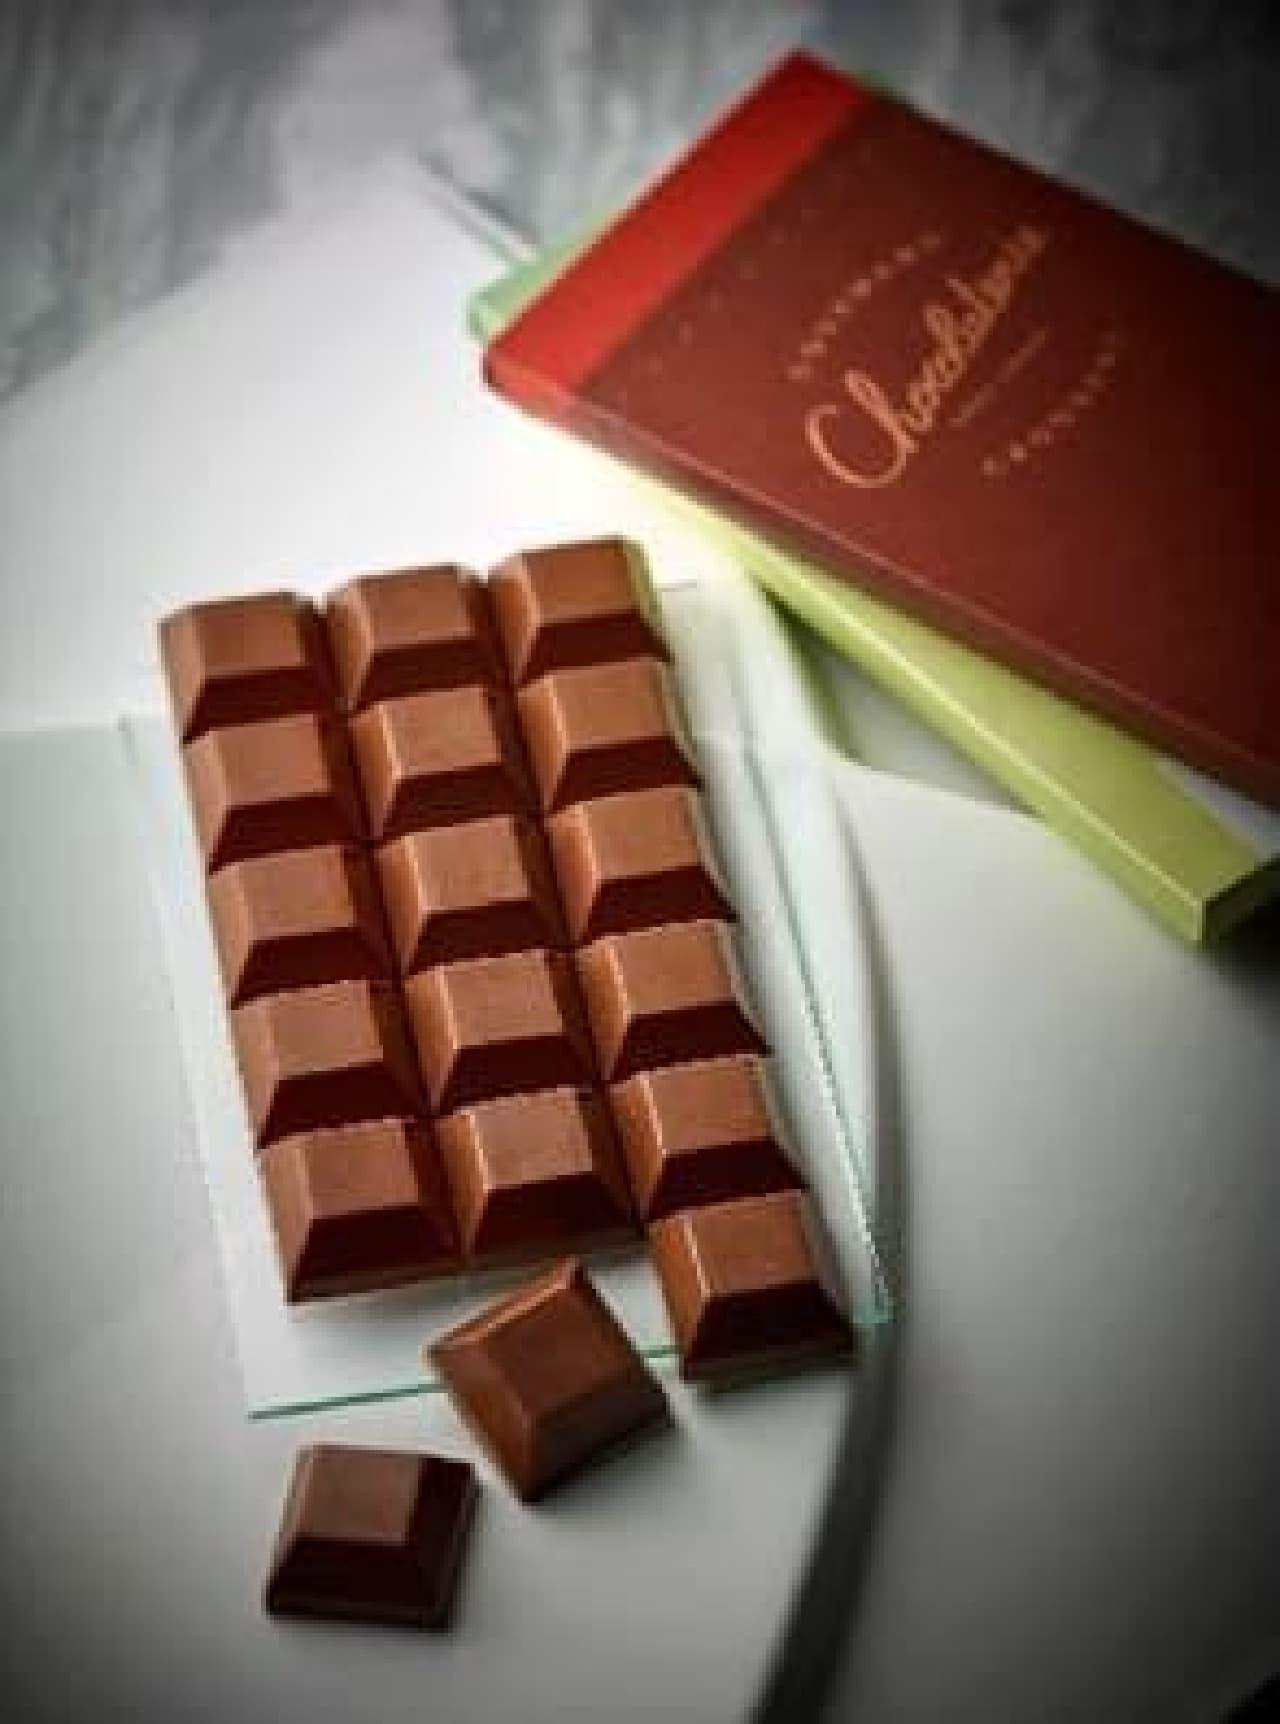 西武池袋本店で、バレンタイン向けのイベント「チョコレートパラダイス2018」